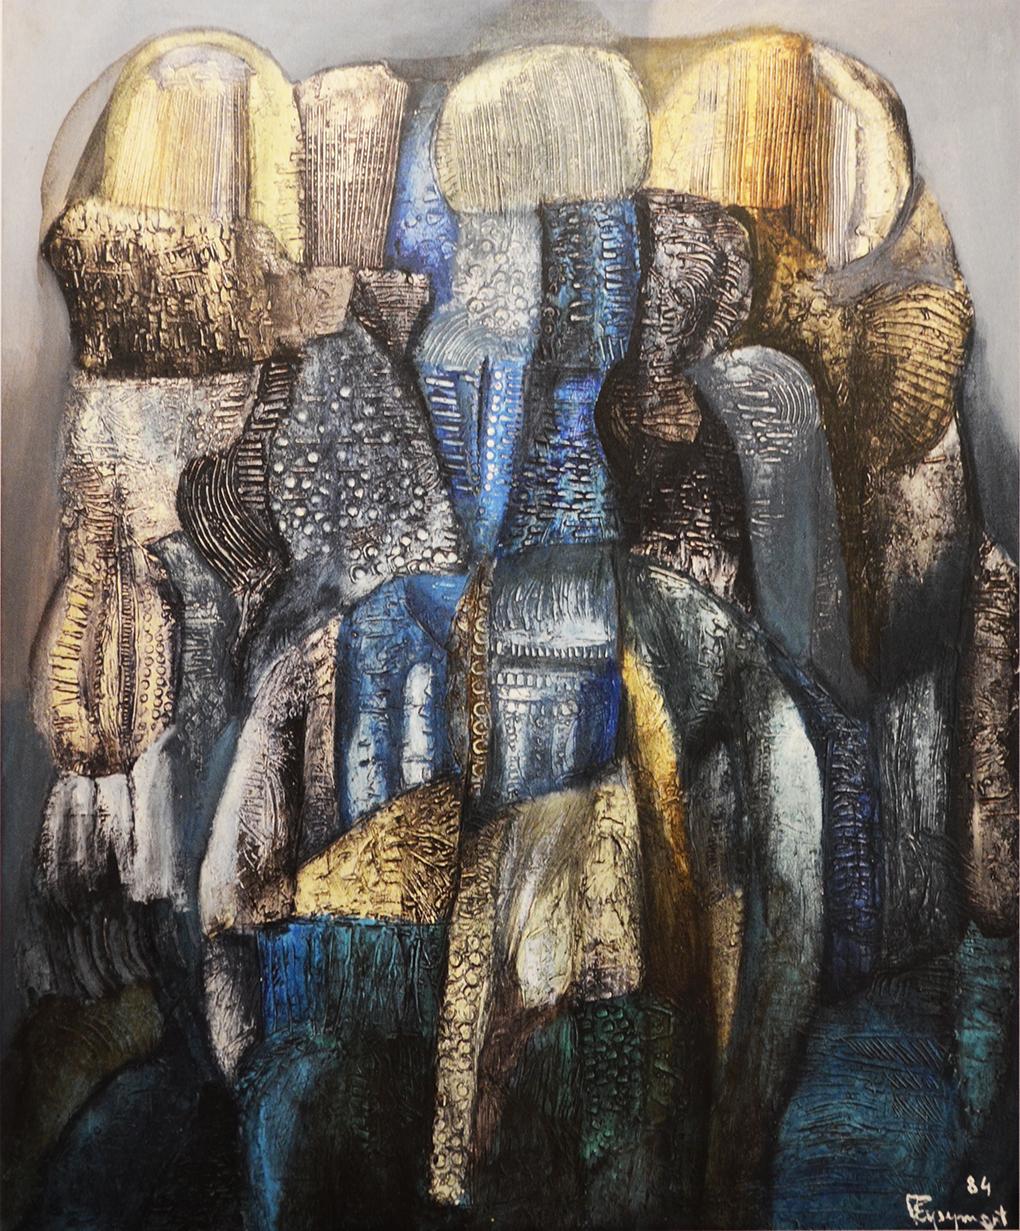 Tadeusz Eysymont, Zgrupowanie w tonacji niebieskiej, 1984, akryl na płótnie, 100x91 cm, Urząd Miejski w Szczecinie. Fot. Jolanta Gramczyńska